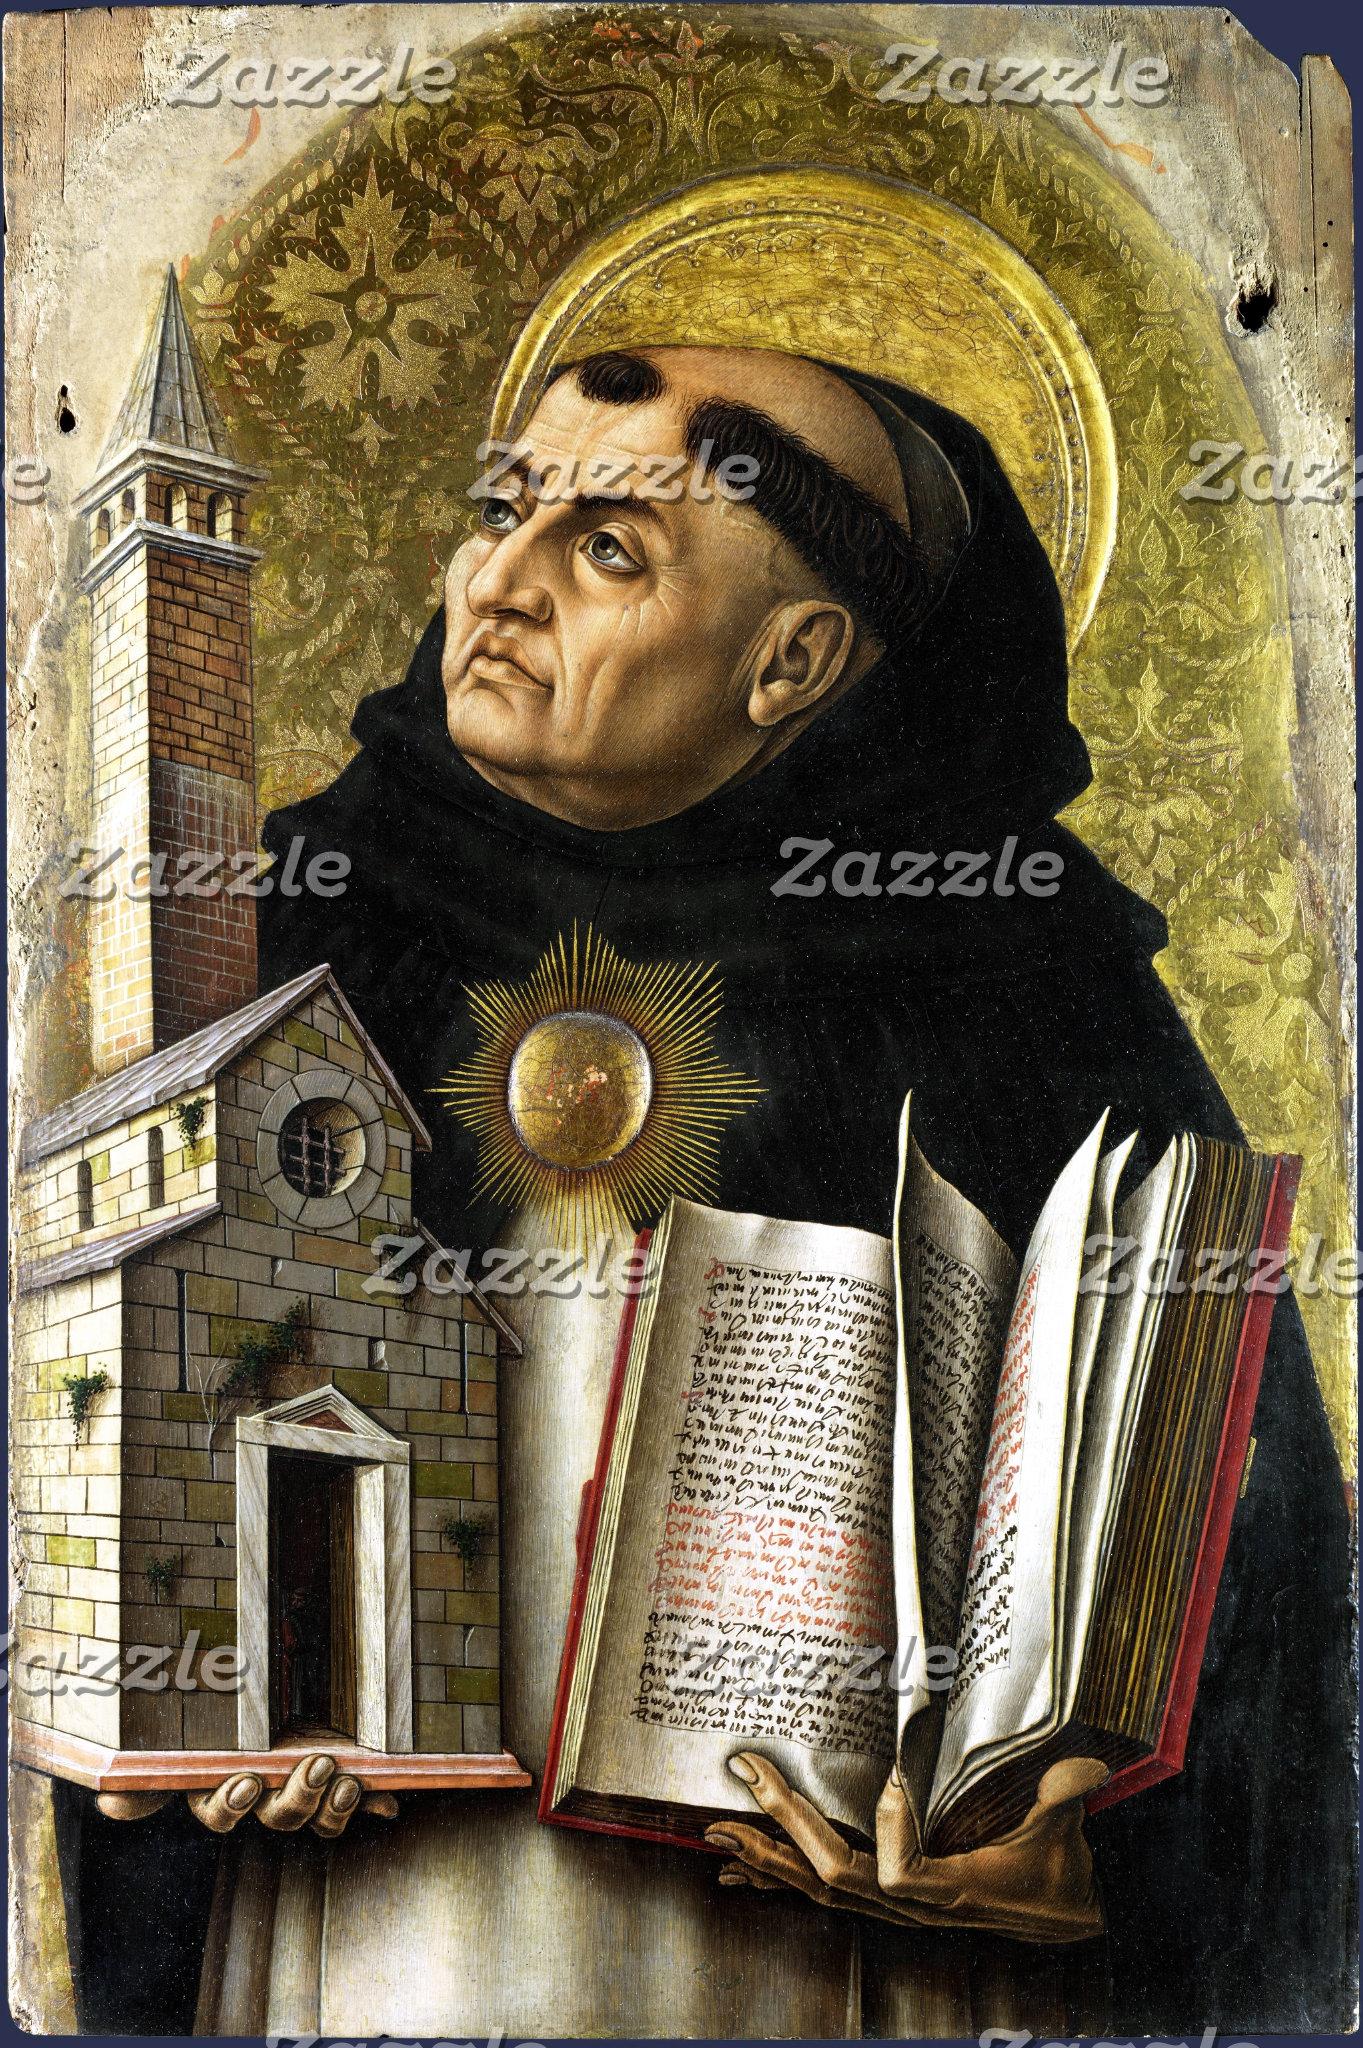 The Aquinas Resistance